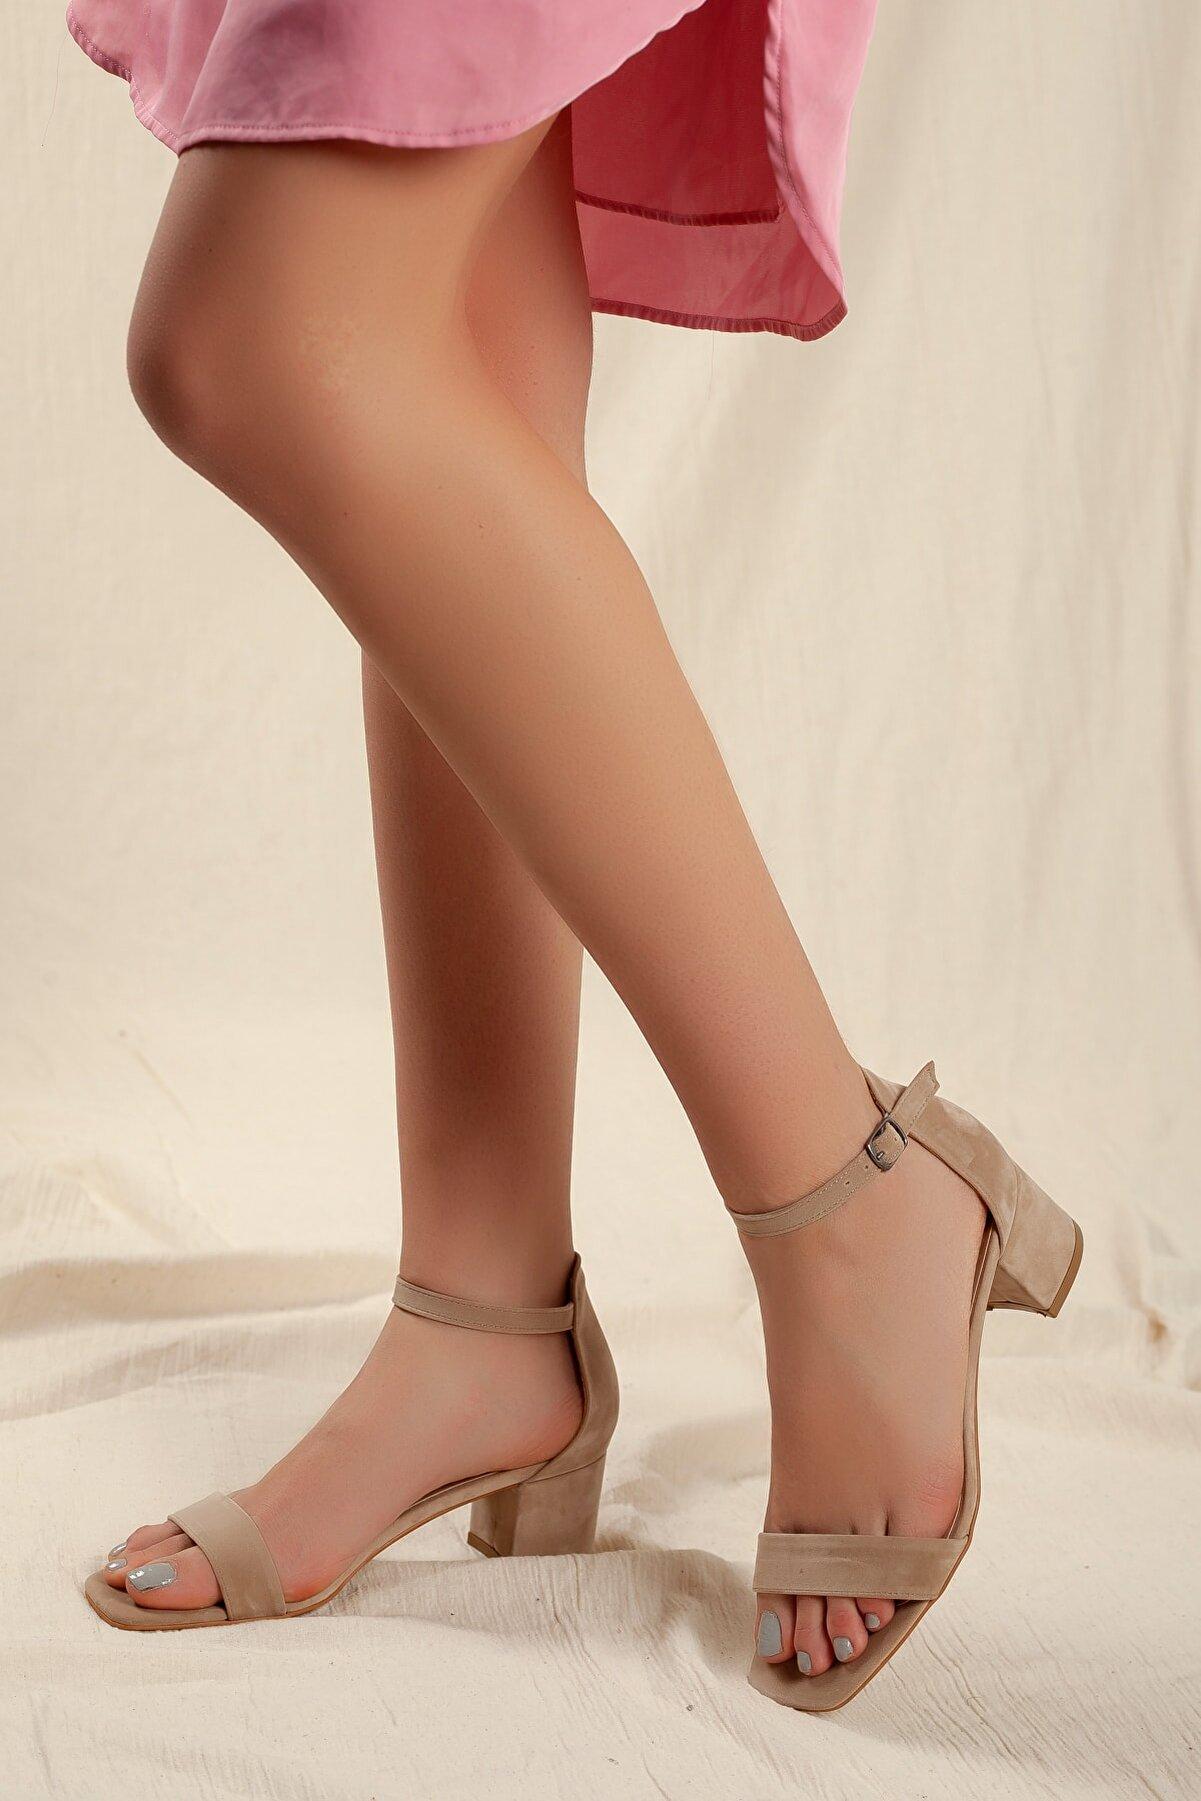 Daxtors Kadın Vizon Süet Tek Bant Klasik Düşük Topuklu Ayakkabı D0225